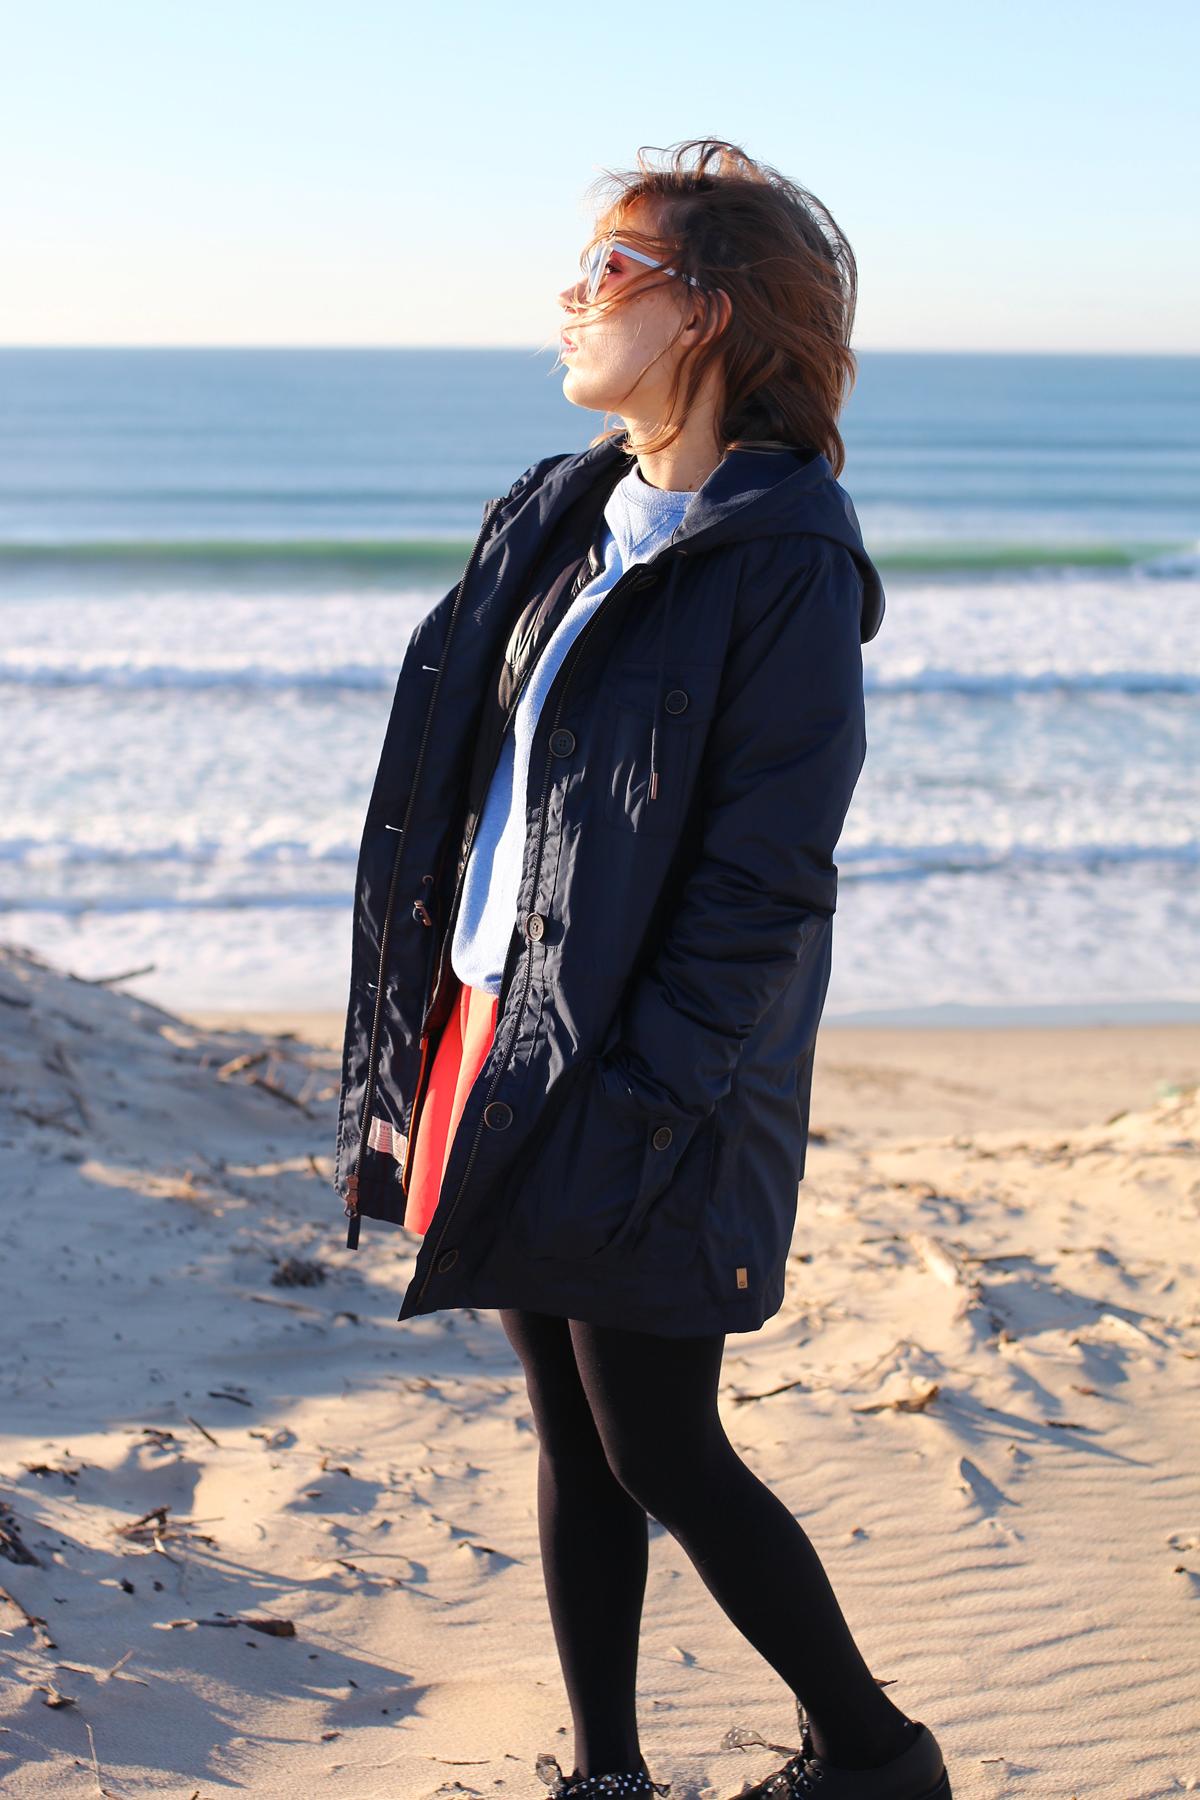 biscarrosse plage paysage